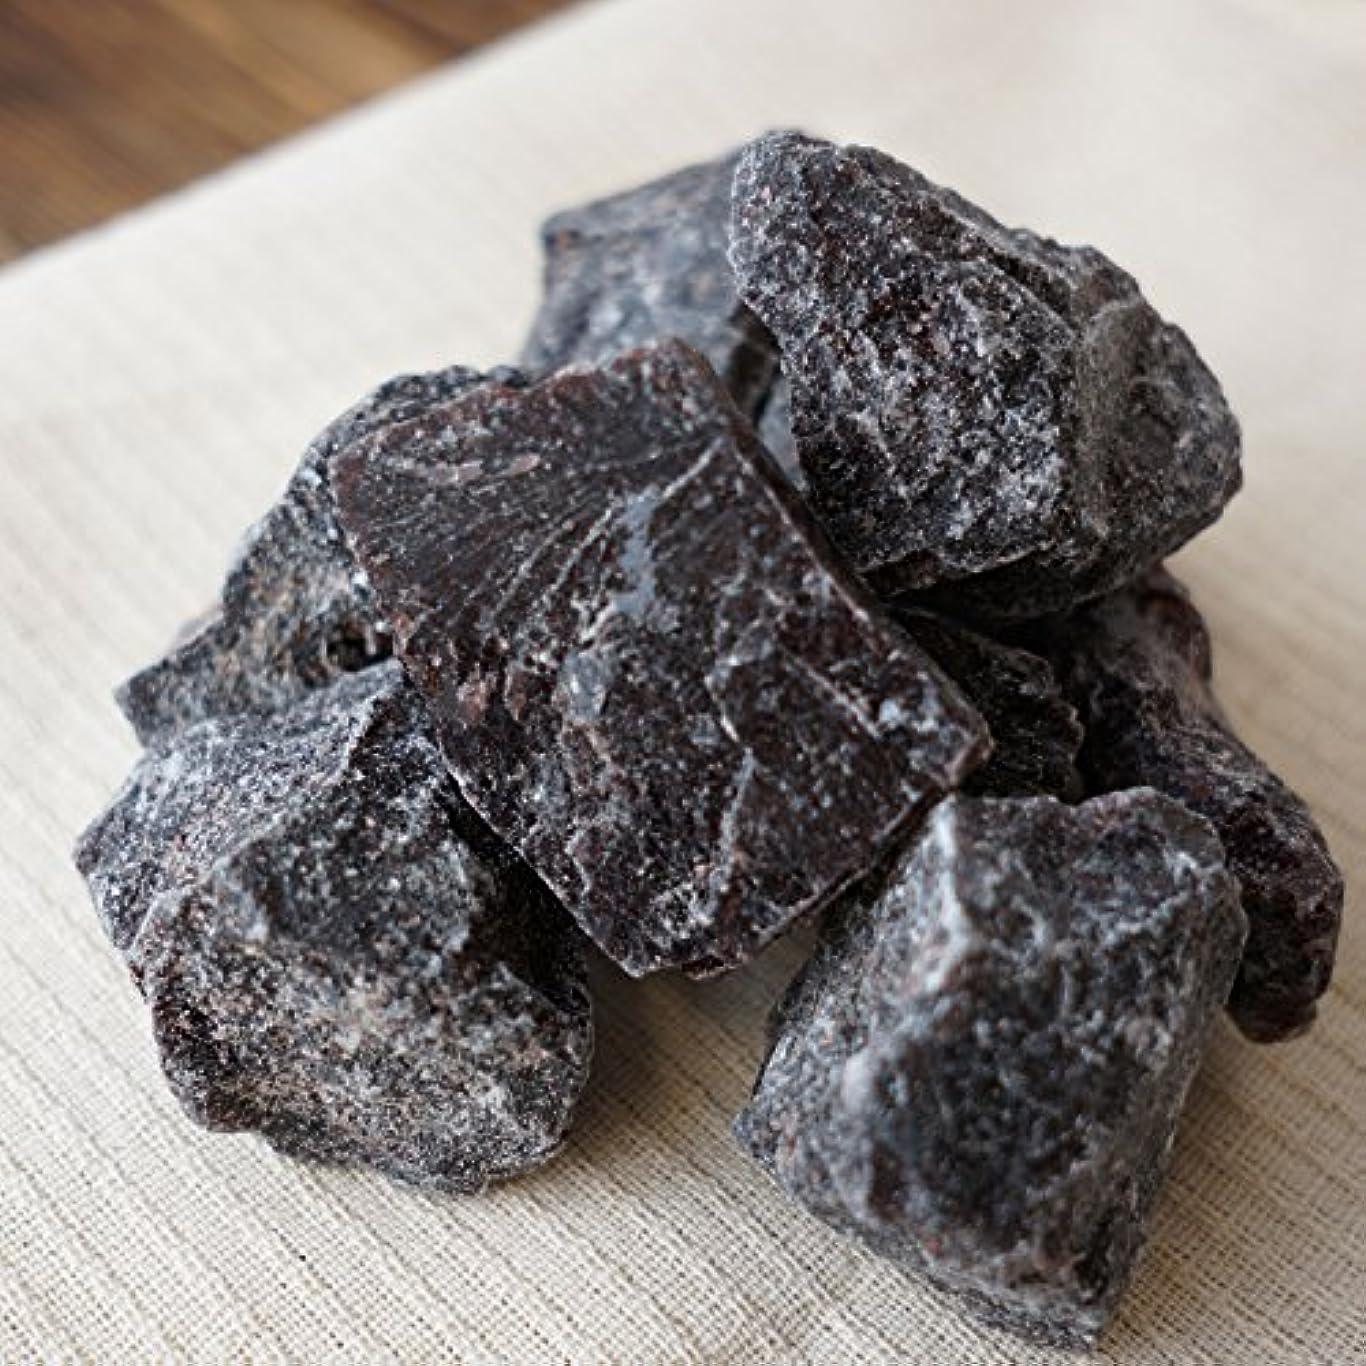 盟主不健全拍手する希少 インド岩塩 ルビー ブロック 約2-5cm 10kg 10,000g 原料